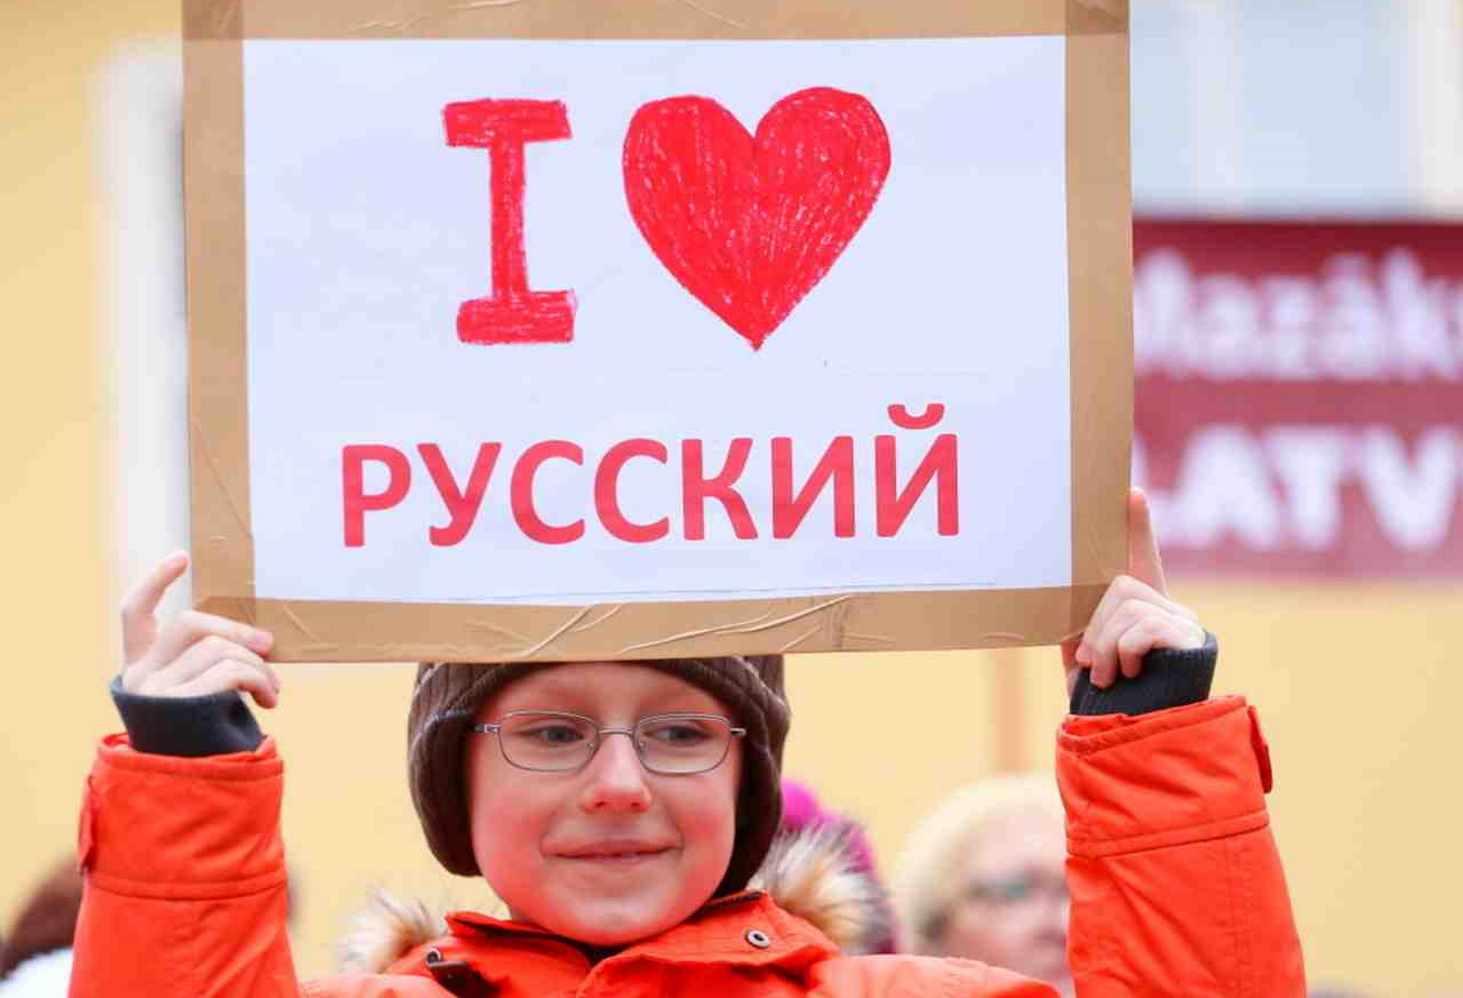 vtsiom-rossiyane-stali-chashhe-ispolzovat-v-rechi-tsitaty-i-poslovitsy-i-rezhe-materitsya